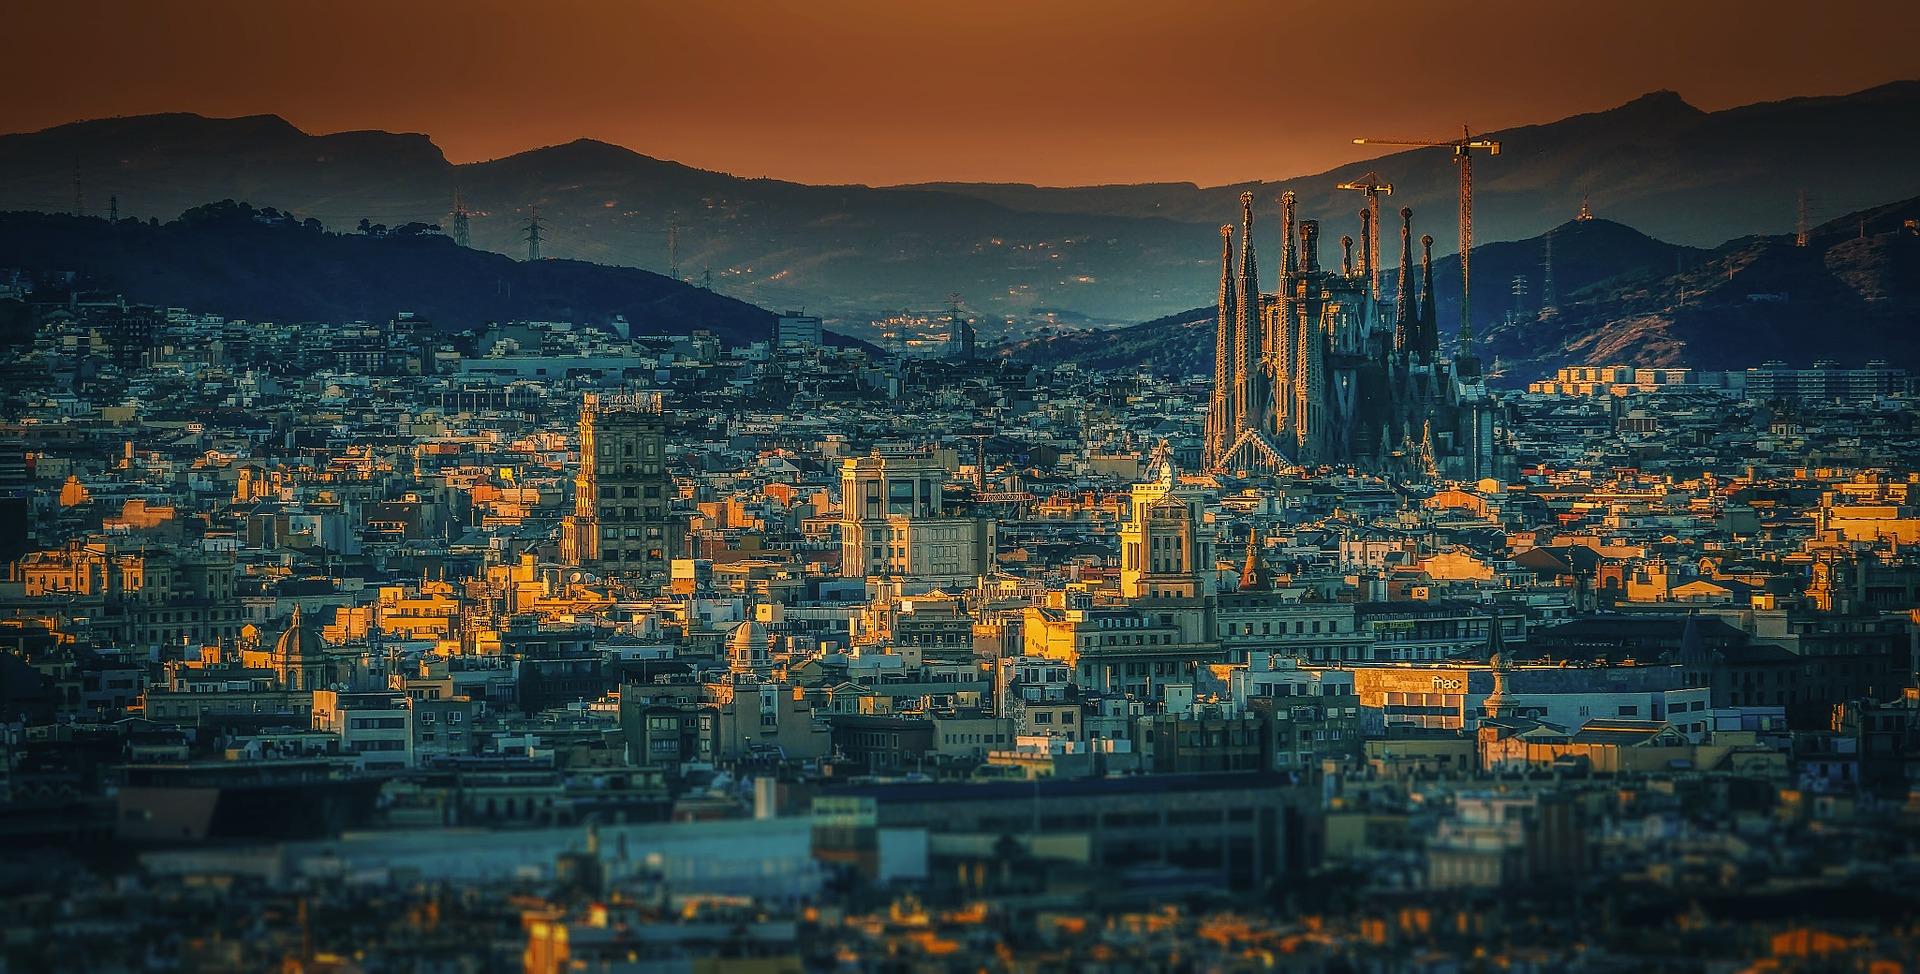 http://aktsa.org/img_2019/images/barcelona-3226639_1920.jpg